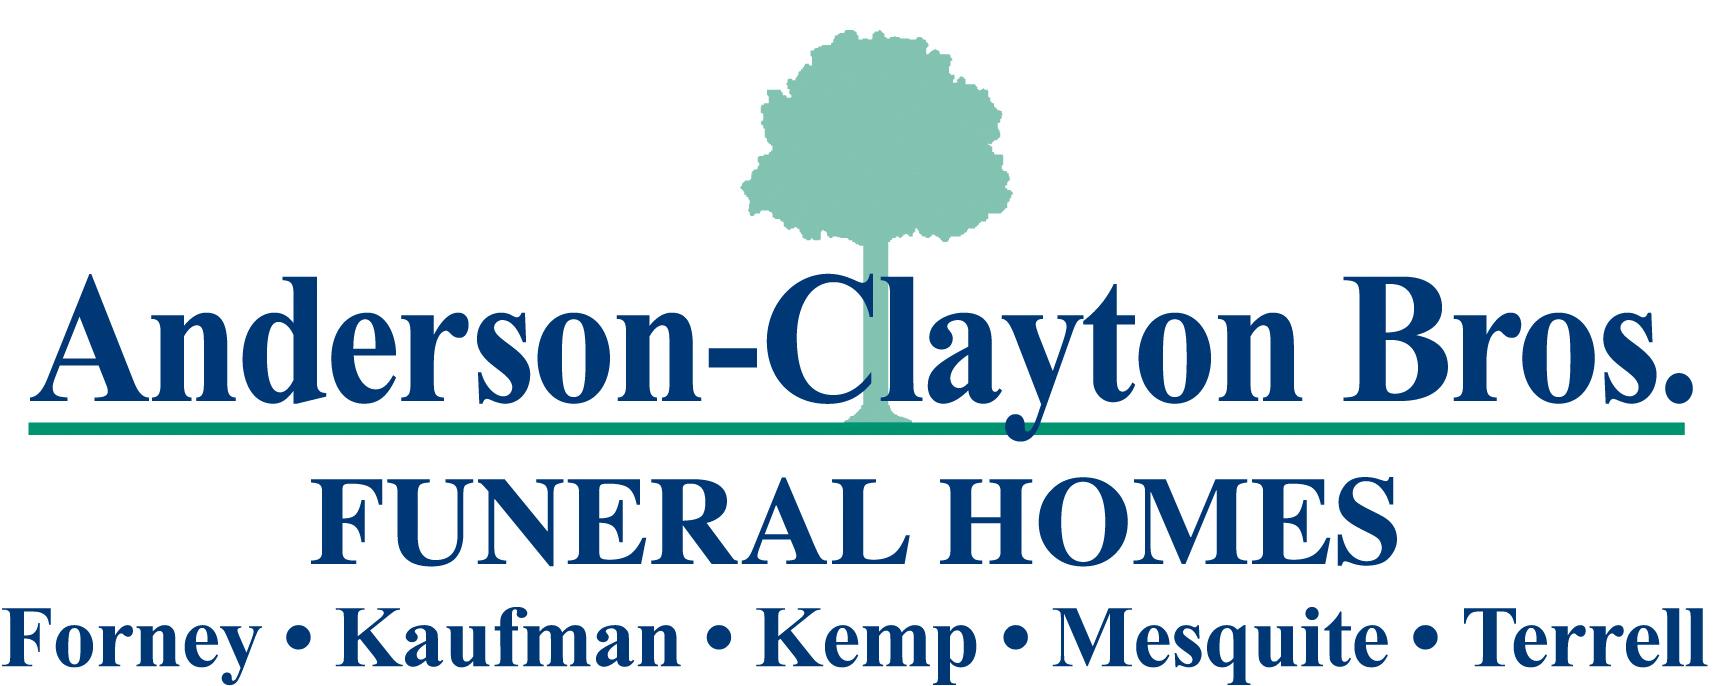 Anderson-Clayton Bros. Funeral Home